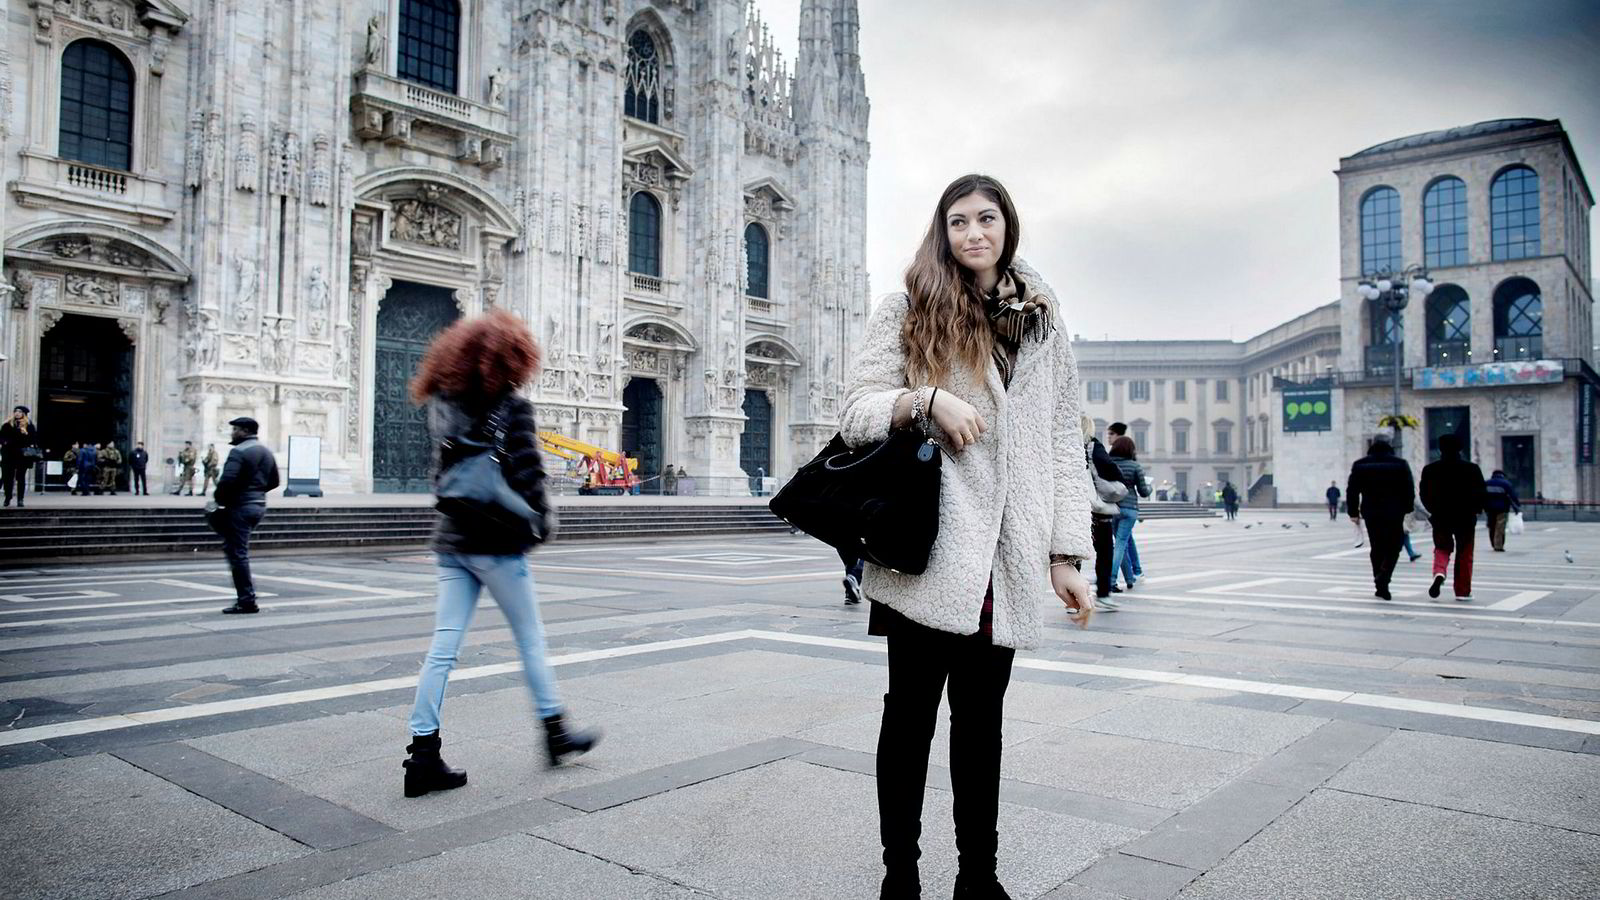 Marcena Del Giudice i Milano er fornøyd med at det ble nei i folkeavstemningen og at statsminister Matteo Renzi går av. Her står hun på Piazza del Duomo dagen etter folkeavstemningen i Italia.